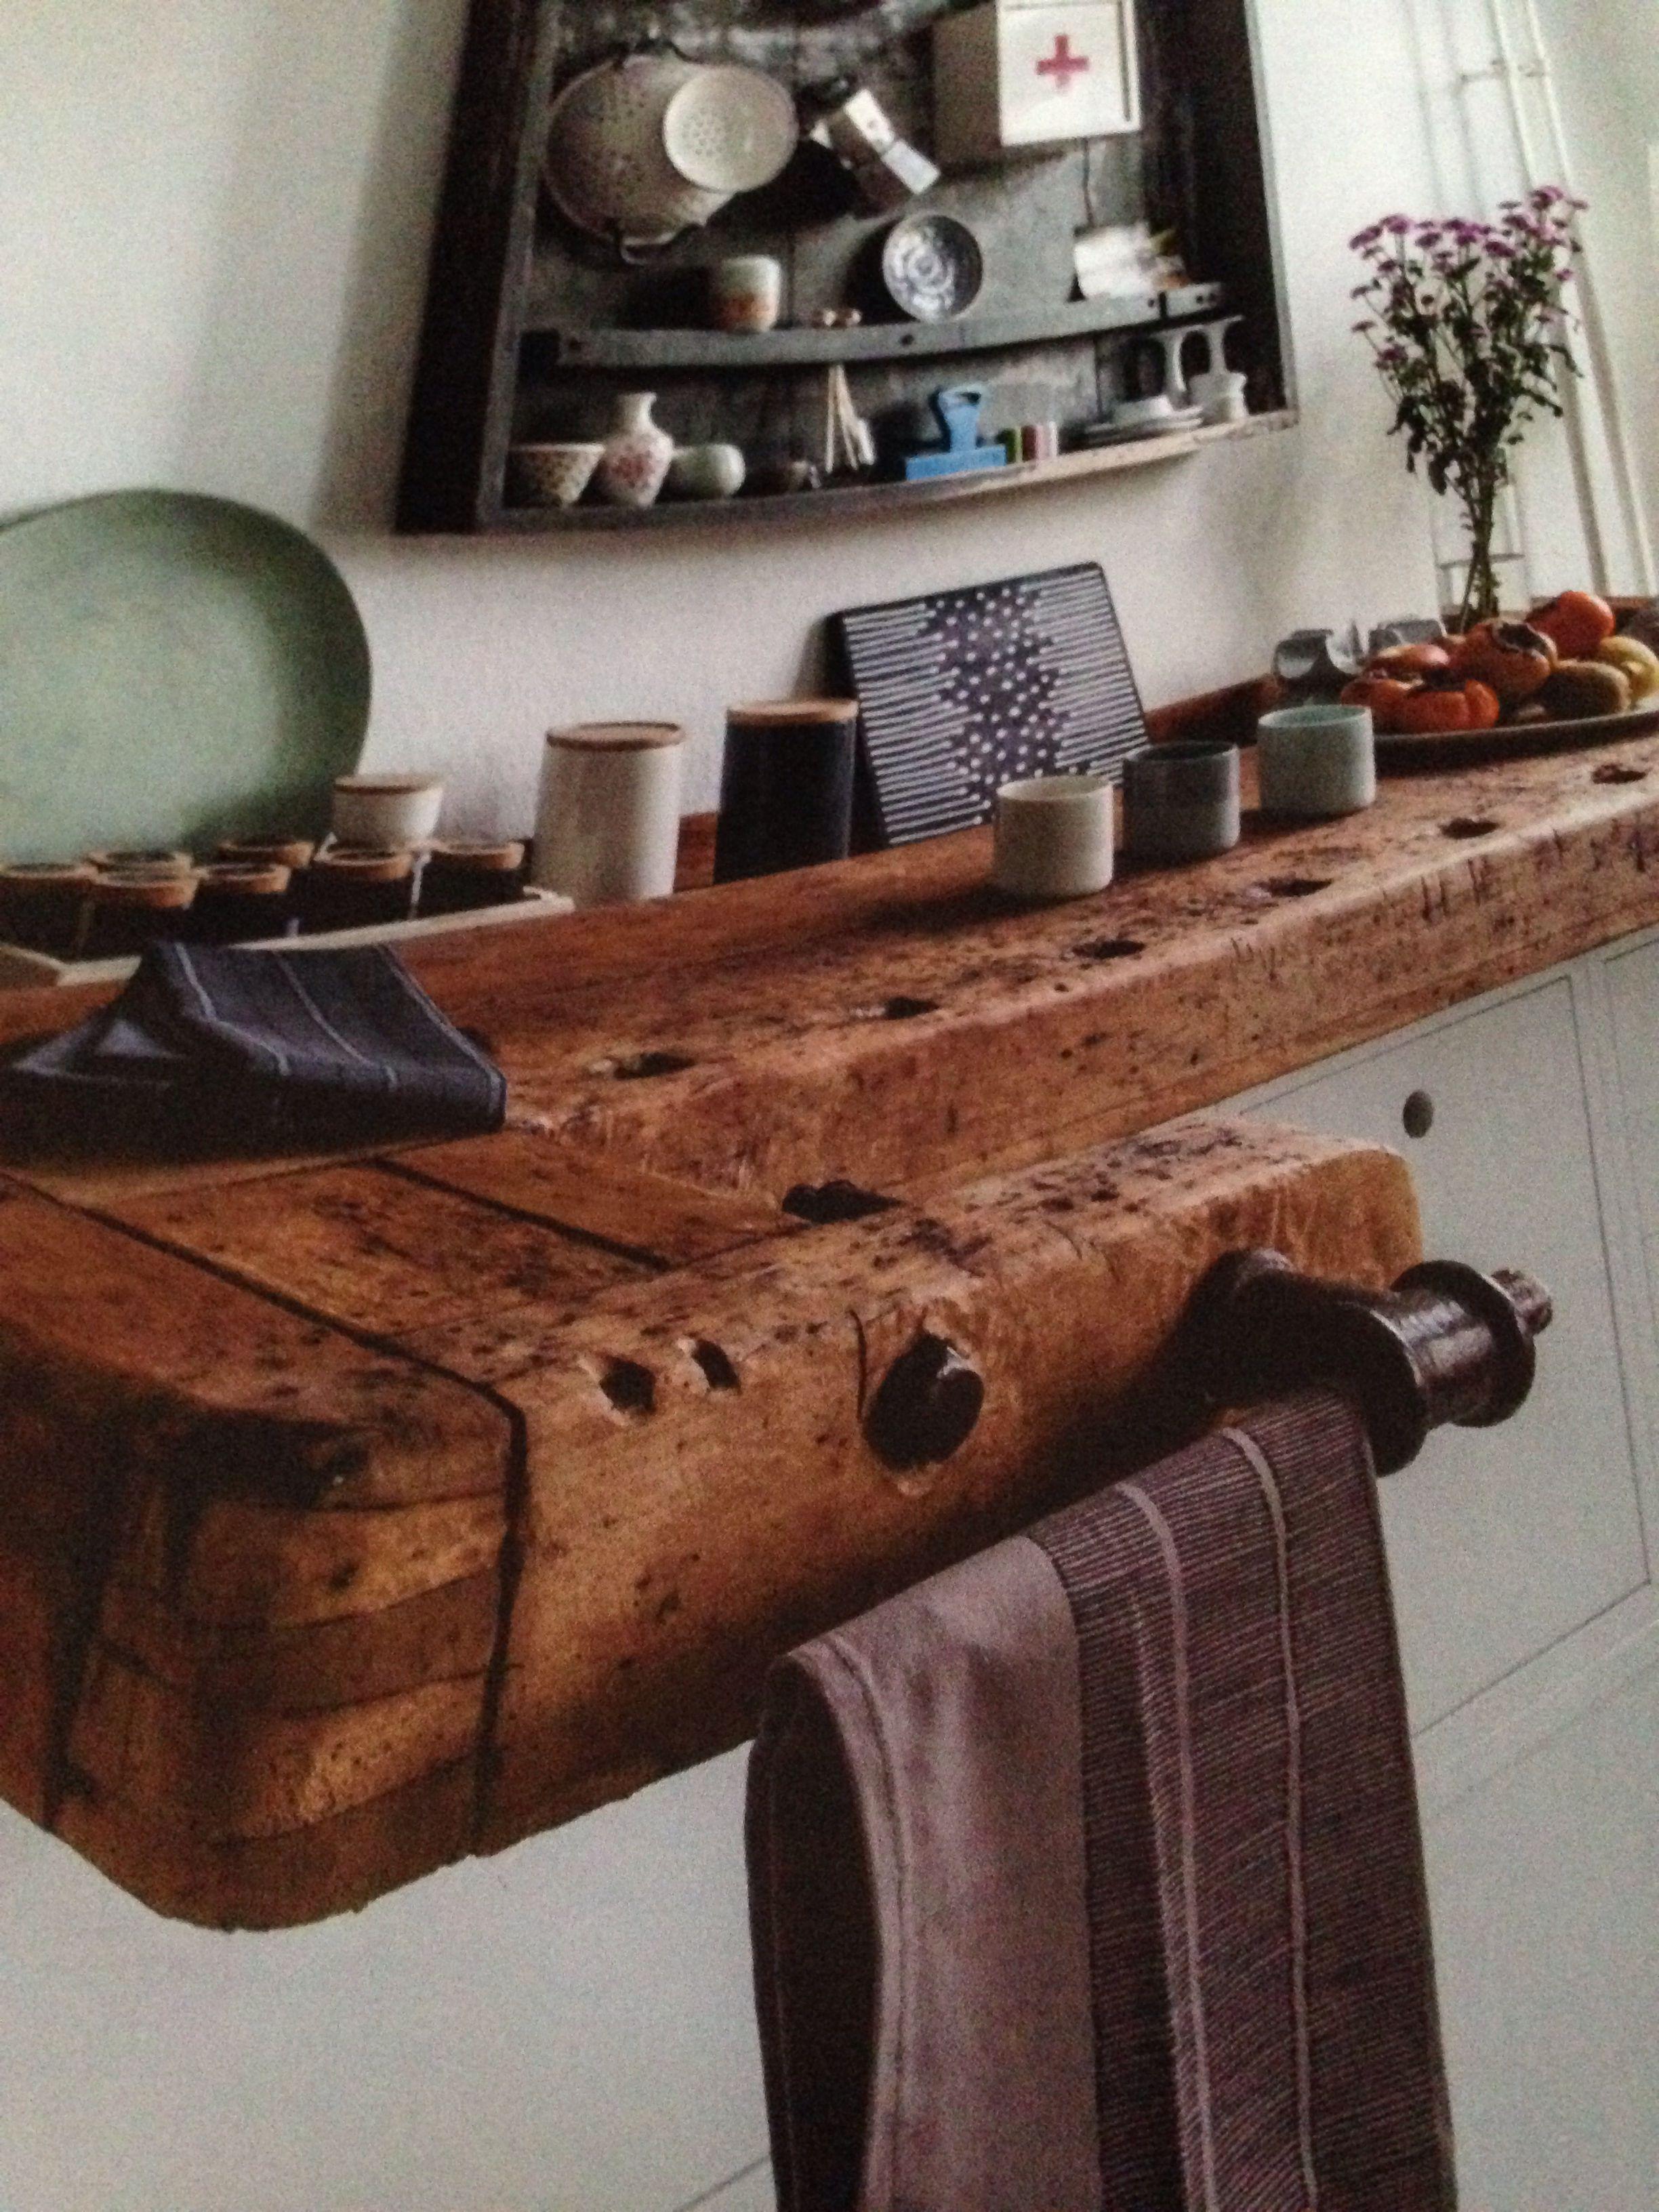 Werkbank als aanrechtblad, ariadne at home 2-2014 | furniture ...